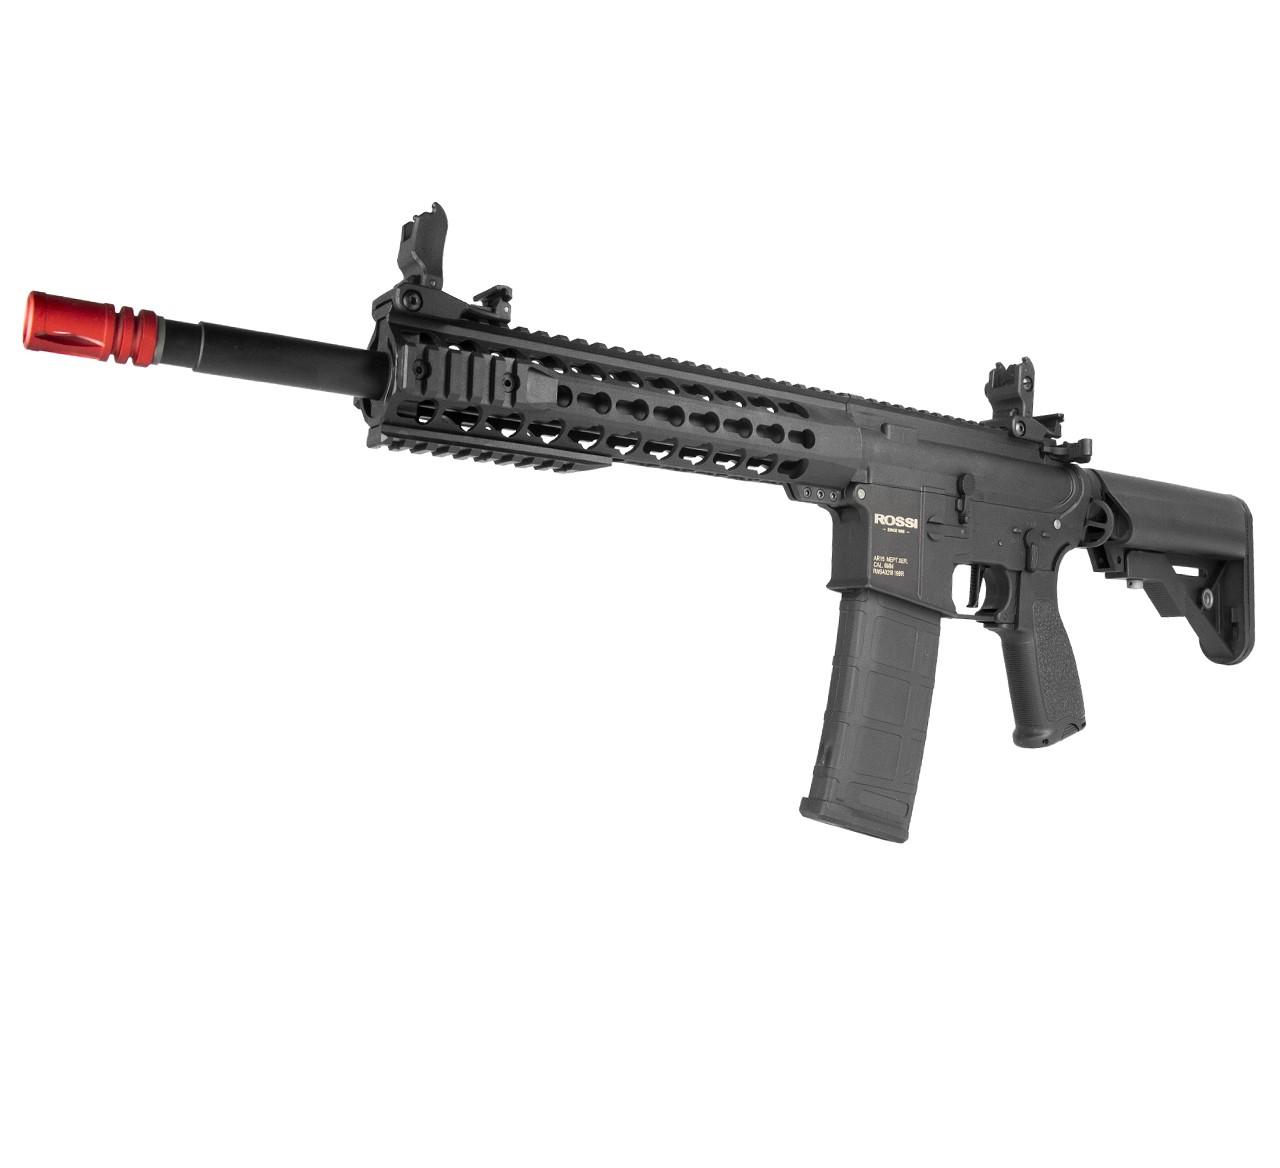 RIFLE DE AIRSOFT AEG AR15 M4 NEPTUNE 10'' - ROSSI